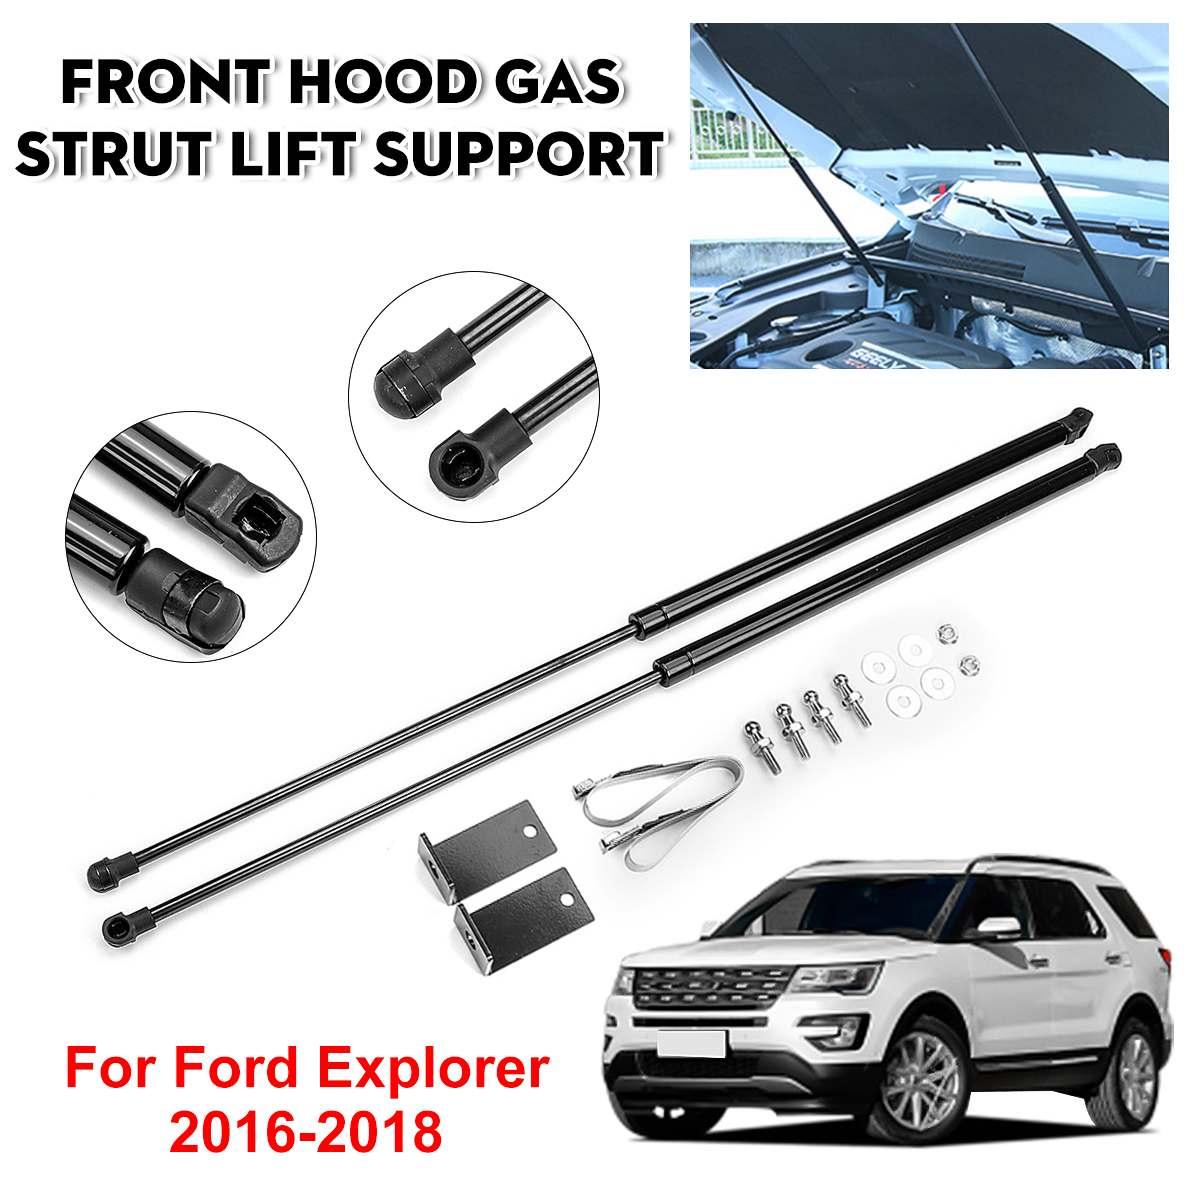 2X przednia pokrywa silnika Bonnet Hood szok podnoszenia rozpórki Bar wsparcie ramię gazu hydrauliczny dla Ford Explorer 2016 2017 2018